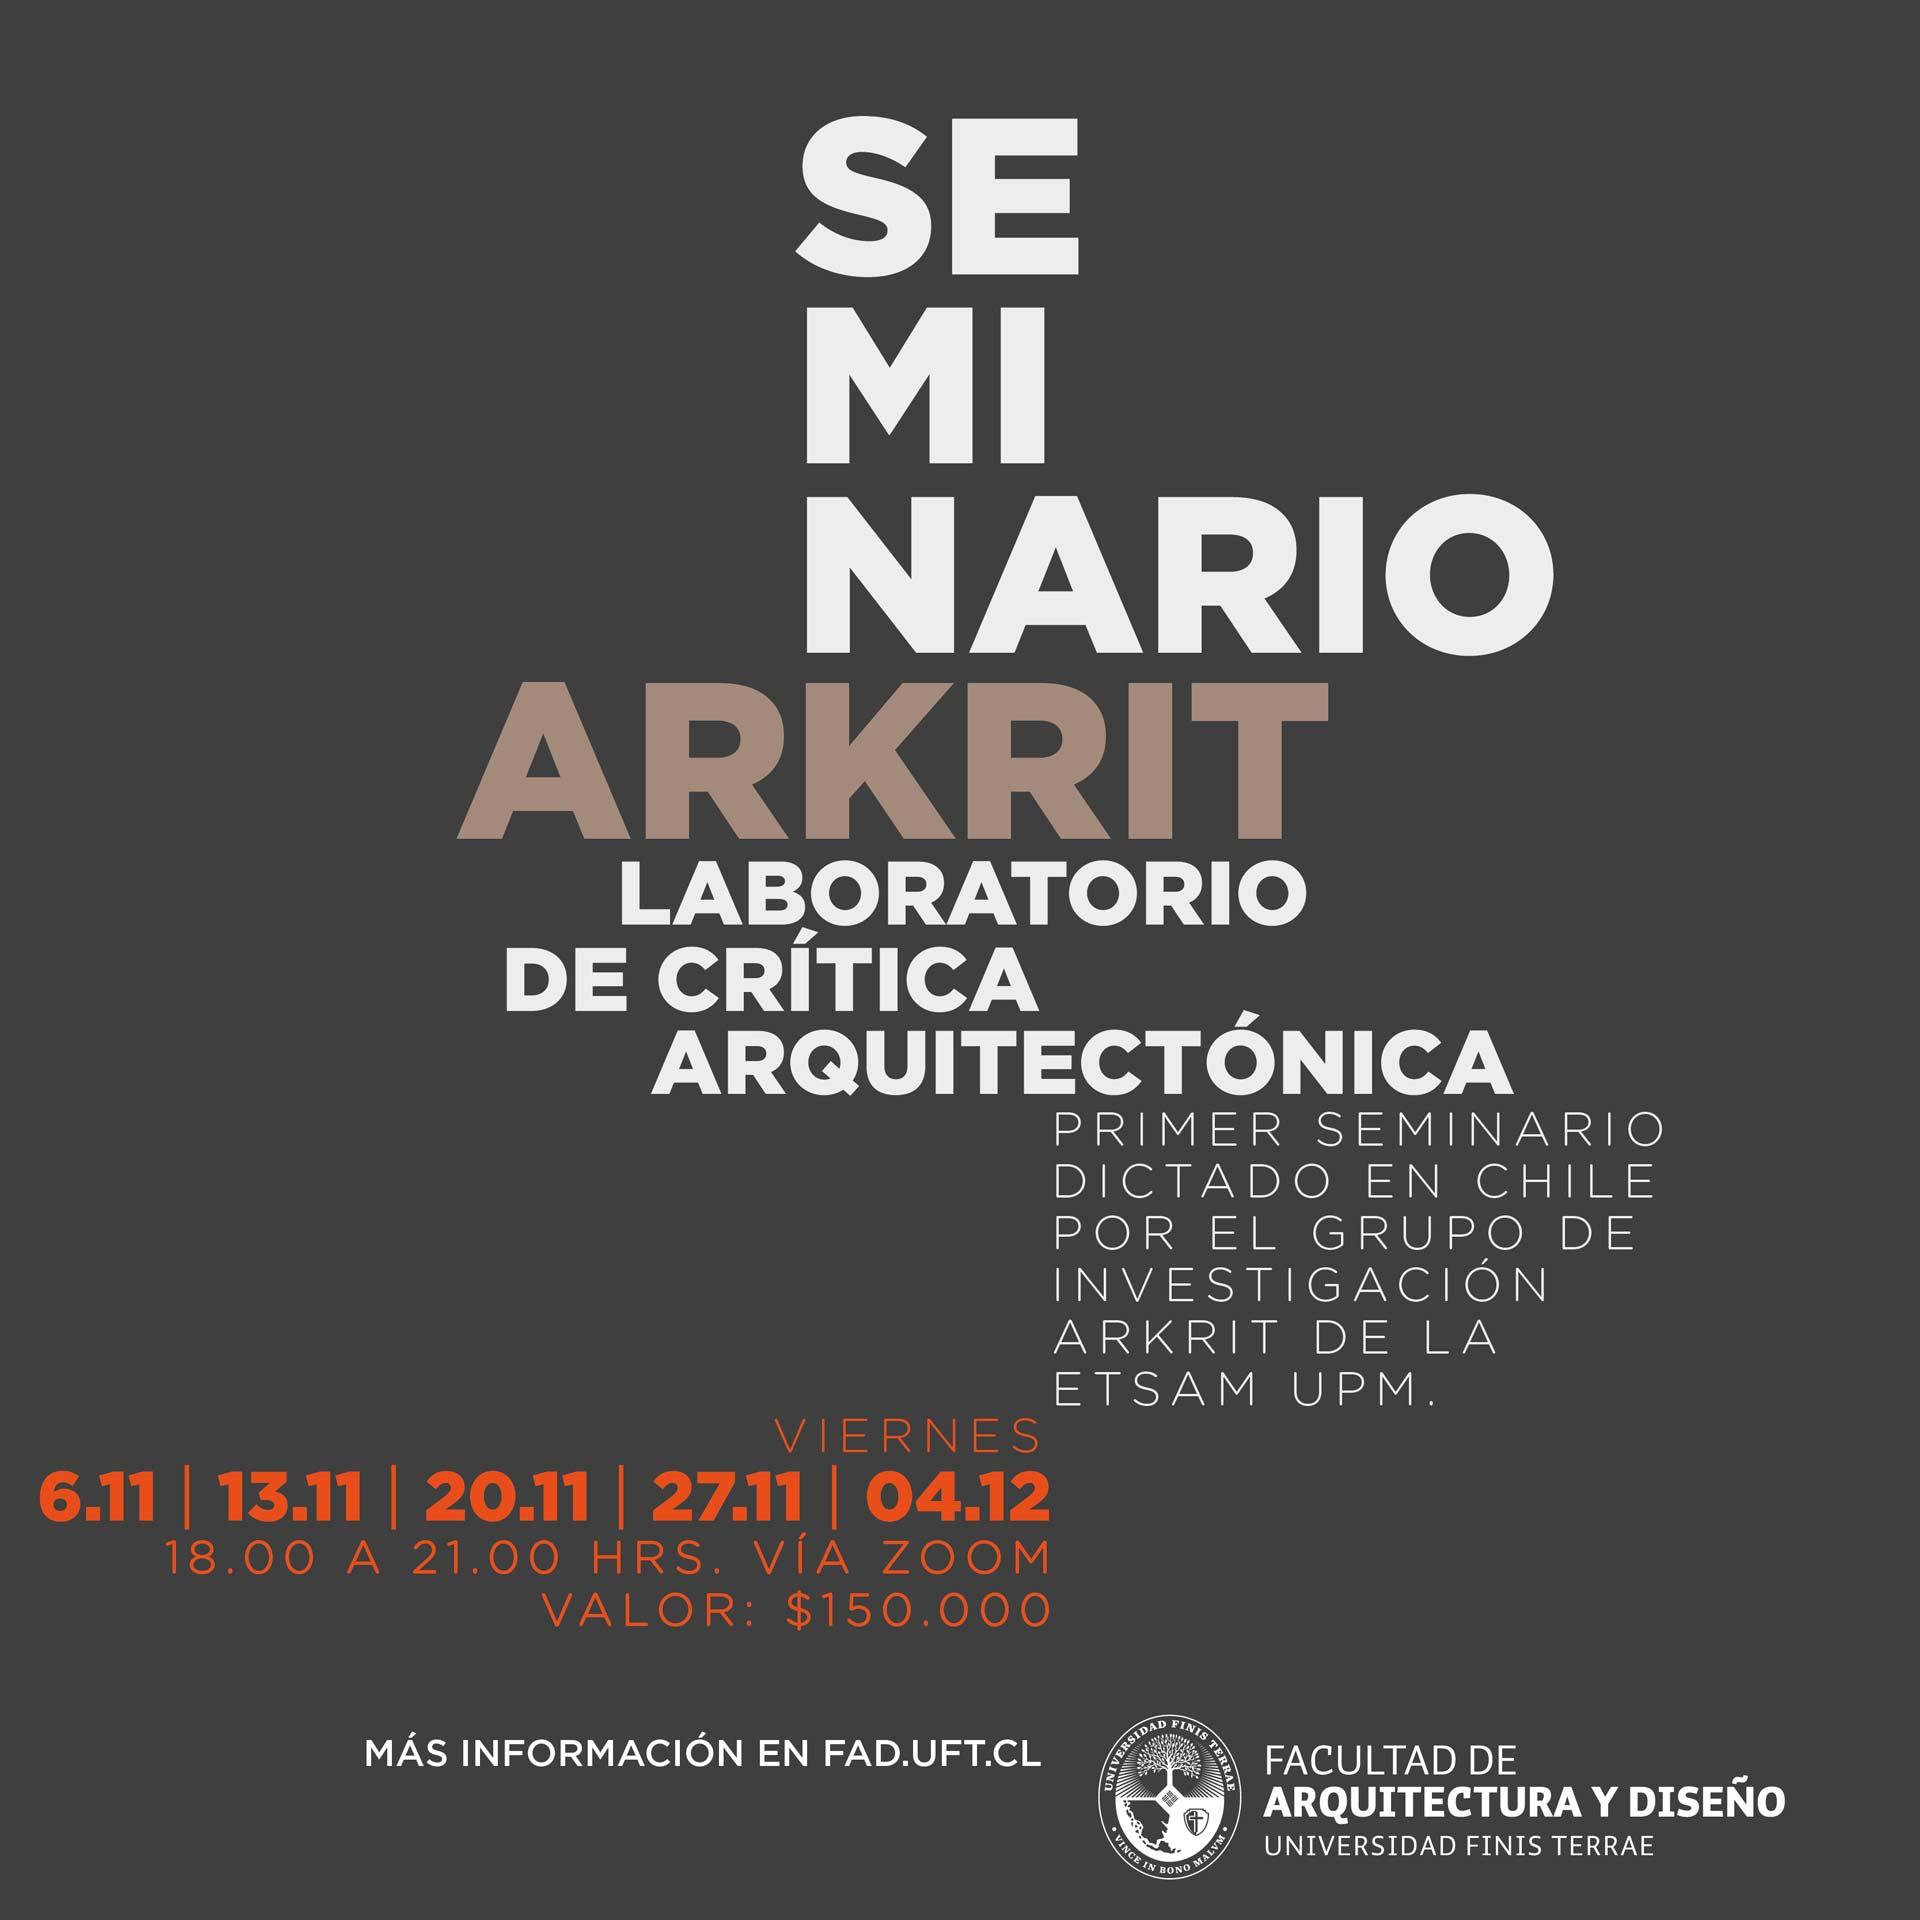 La FAD y ARKRIT se unen para seminario de crítica arquitectónica